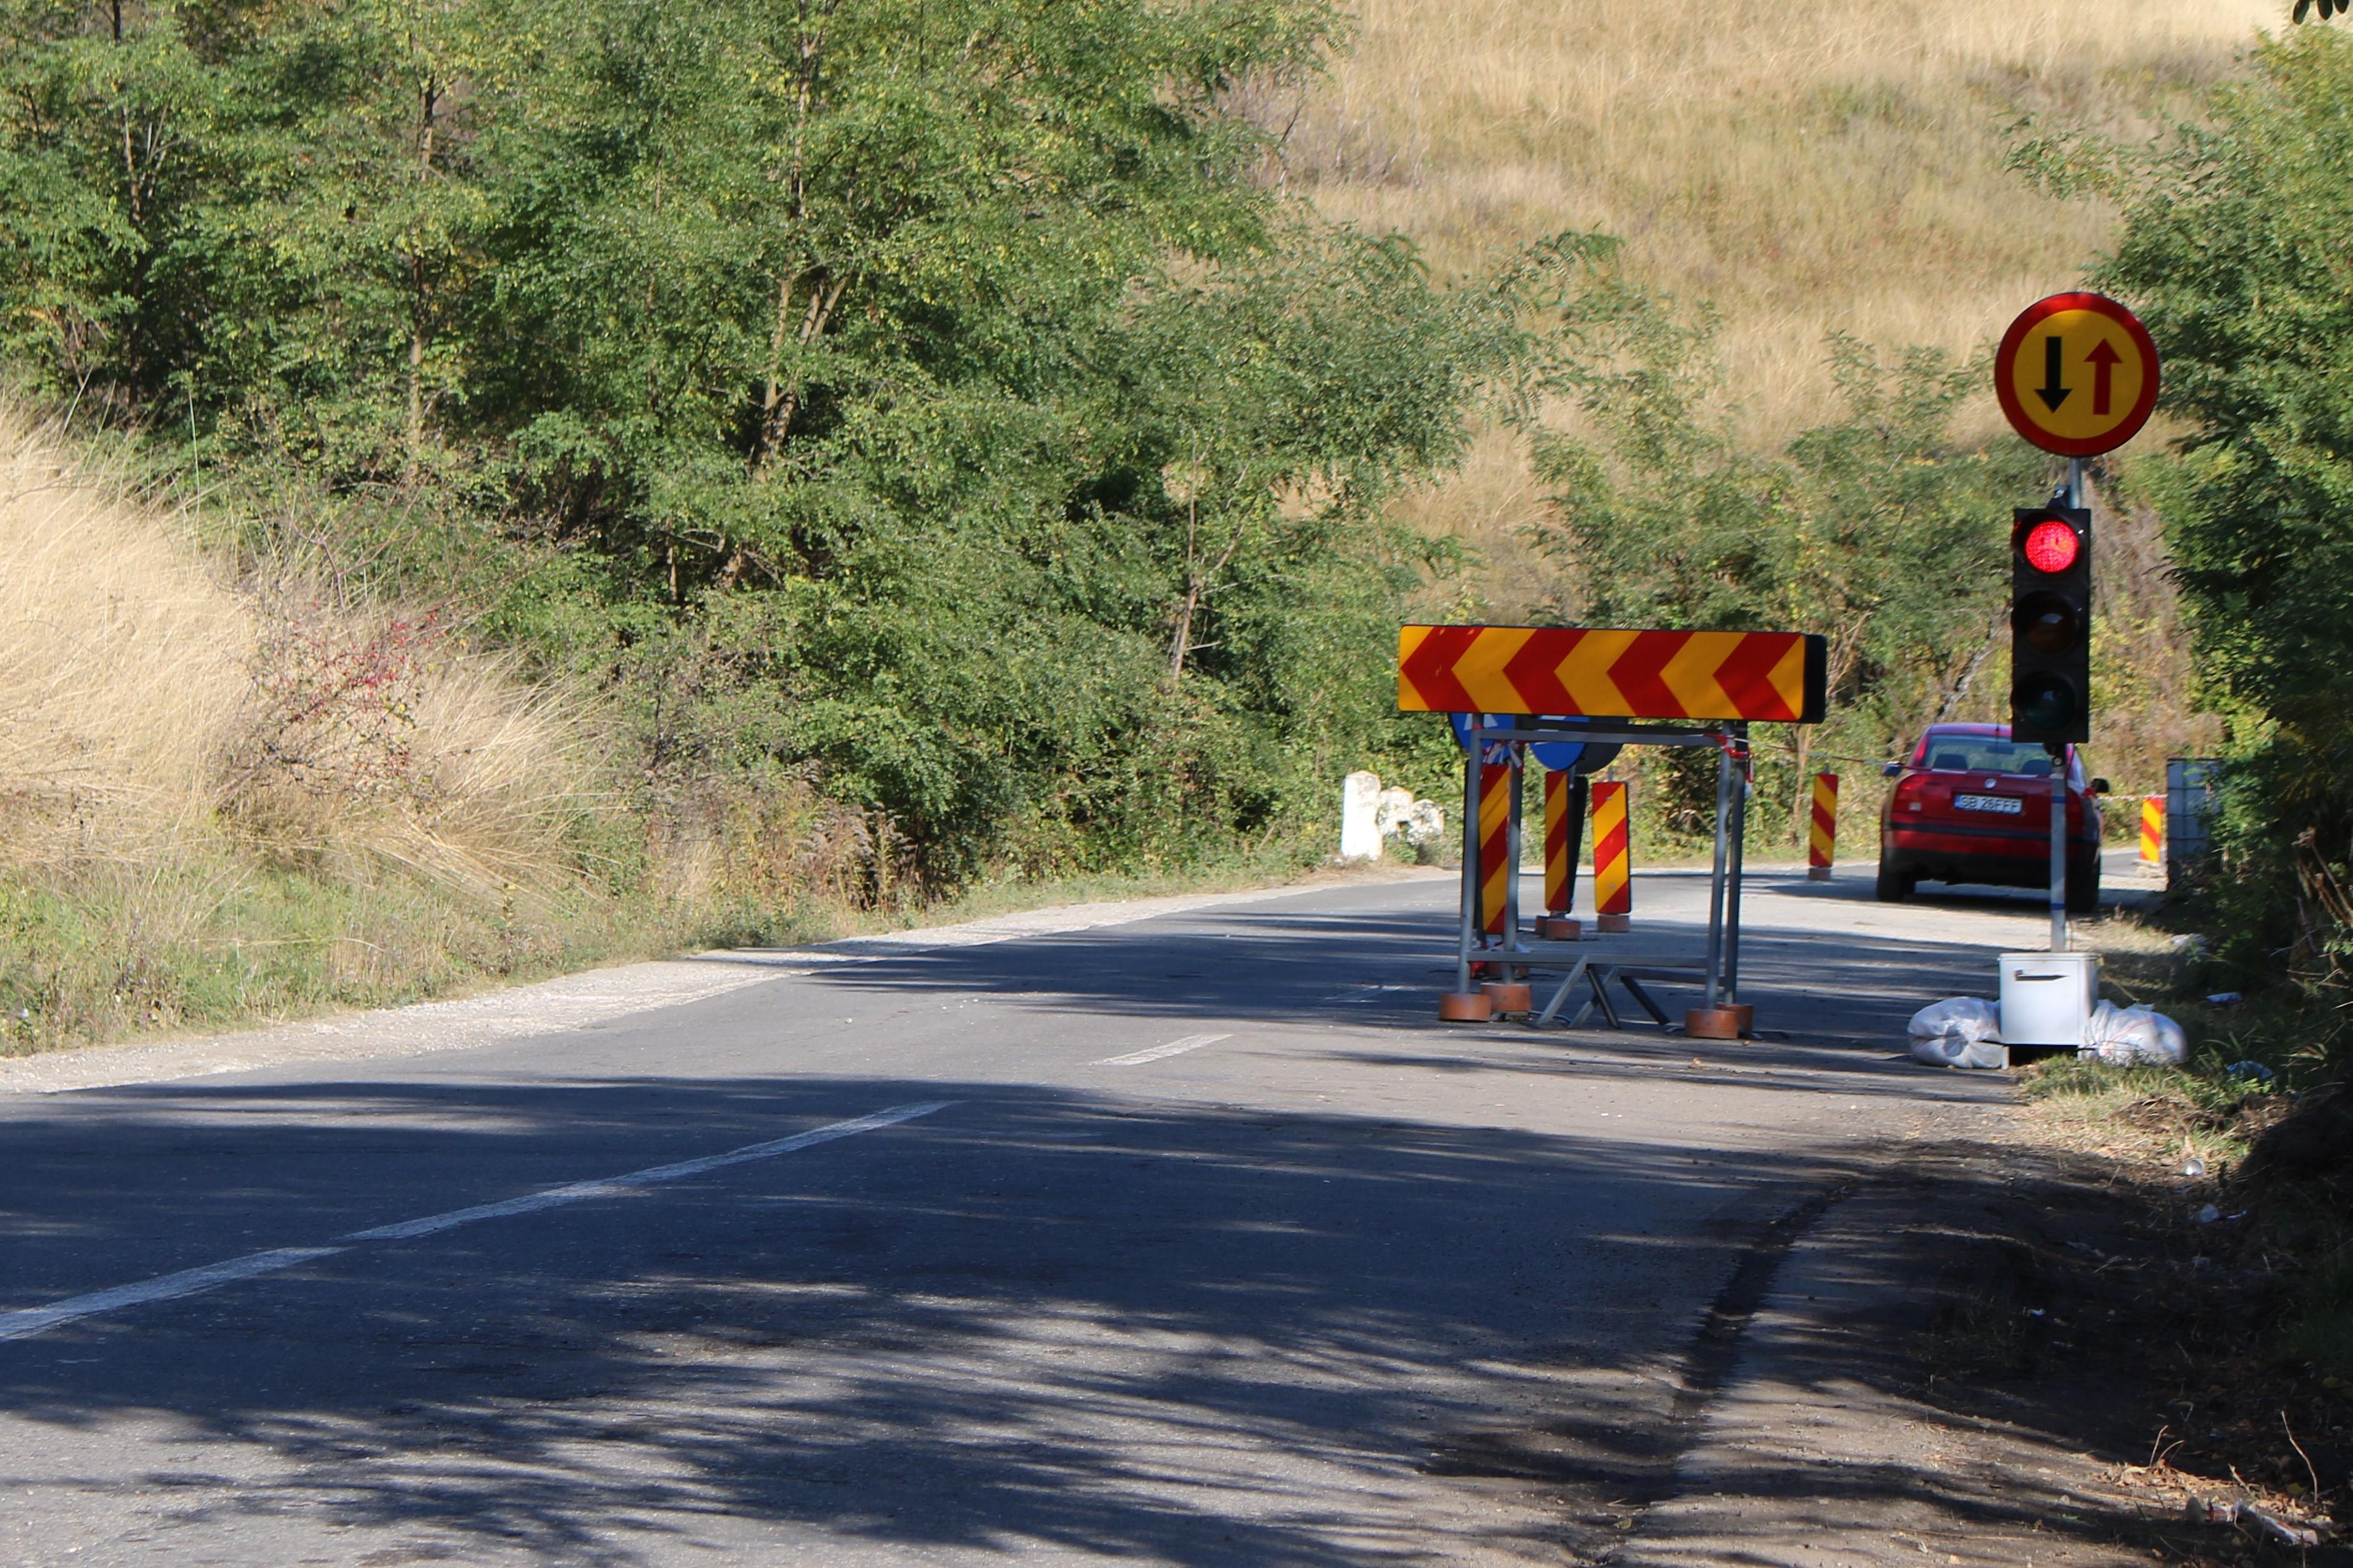 Au furat bateriile semafoarelor de pe drumul în lucru DJ 141 Mediaș-Bârghiș